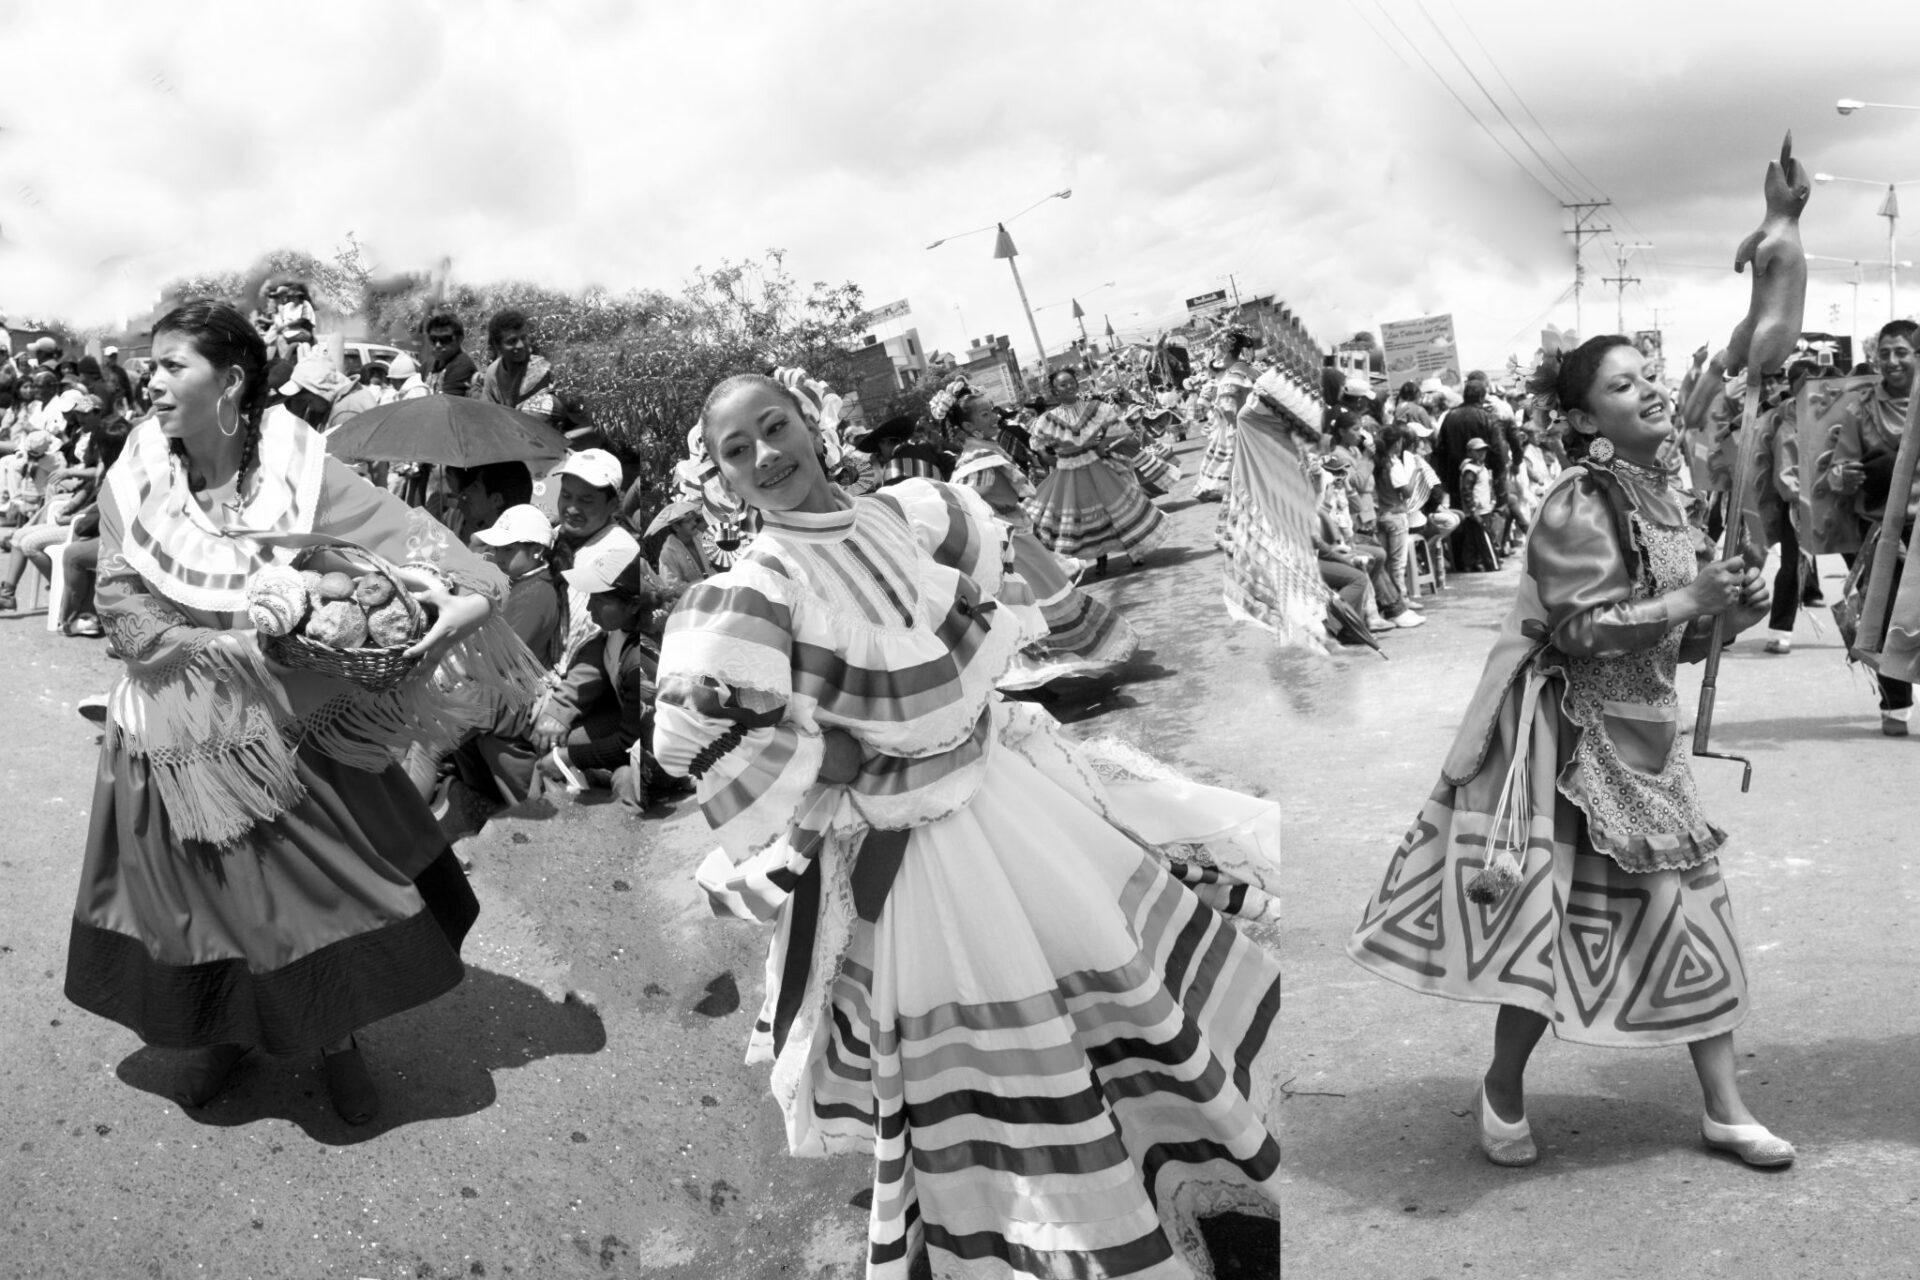 La comparasa en el Carnaval de Negros y Blancos deIpiales (Foto) Archivo la Ipialenísima)